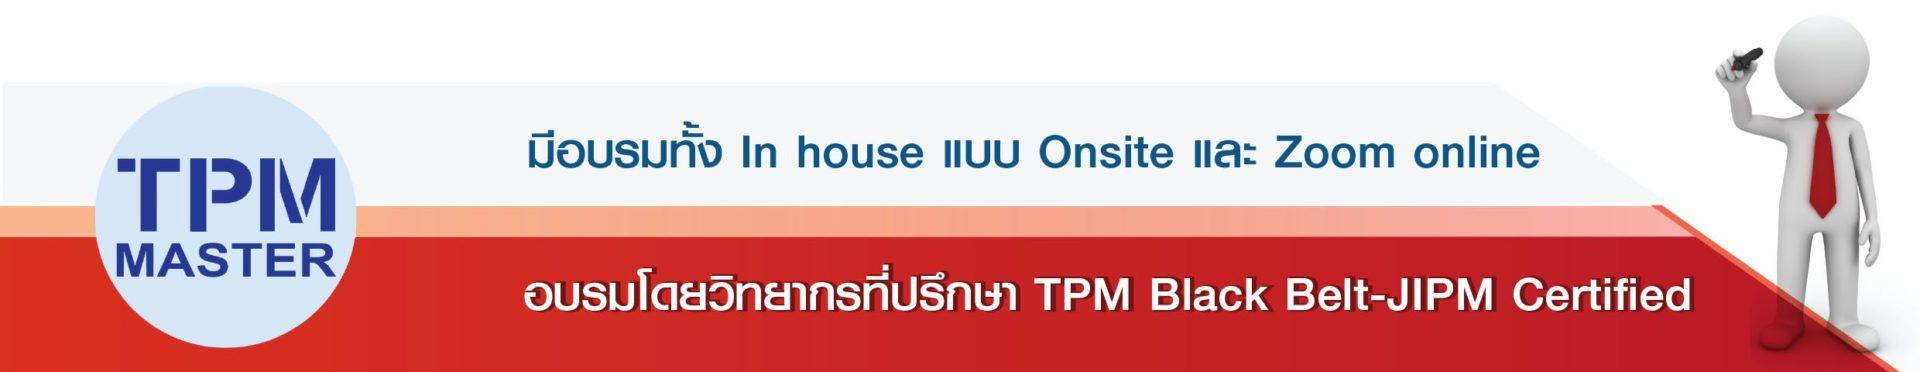 Autonomous Maintenance (AM) in house